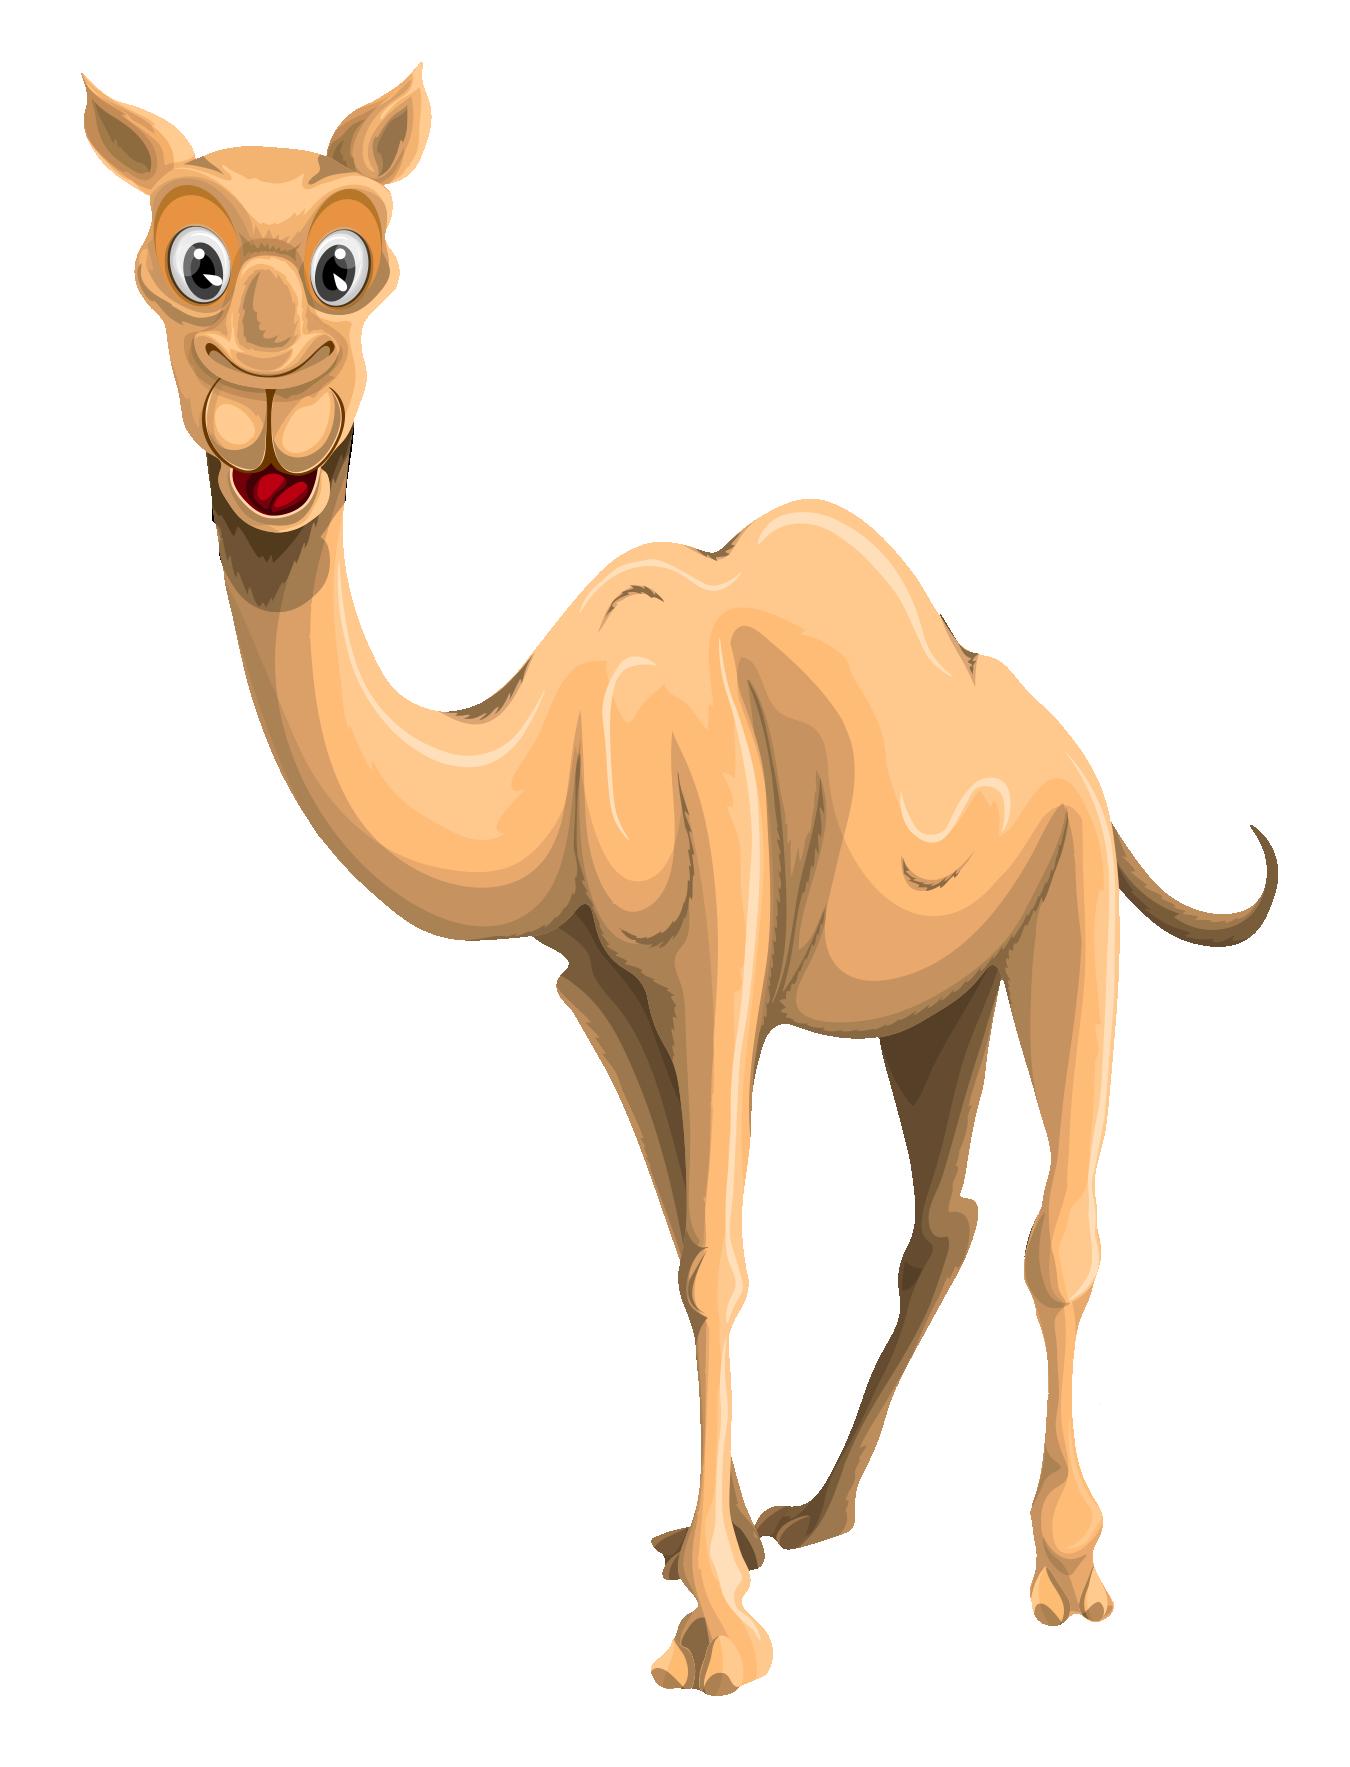 Camel Vector PNG Transparent Image - Camel PNG